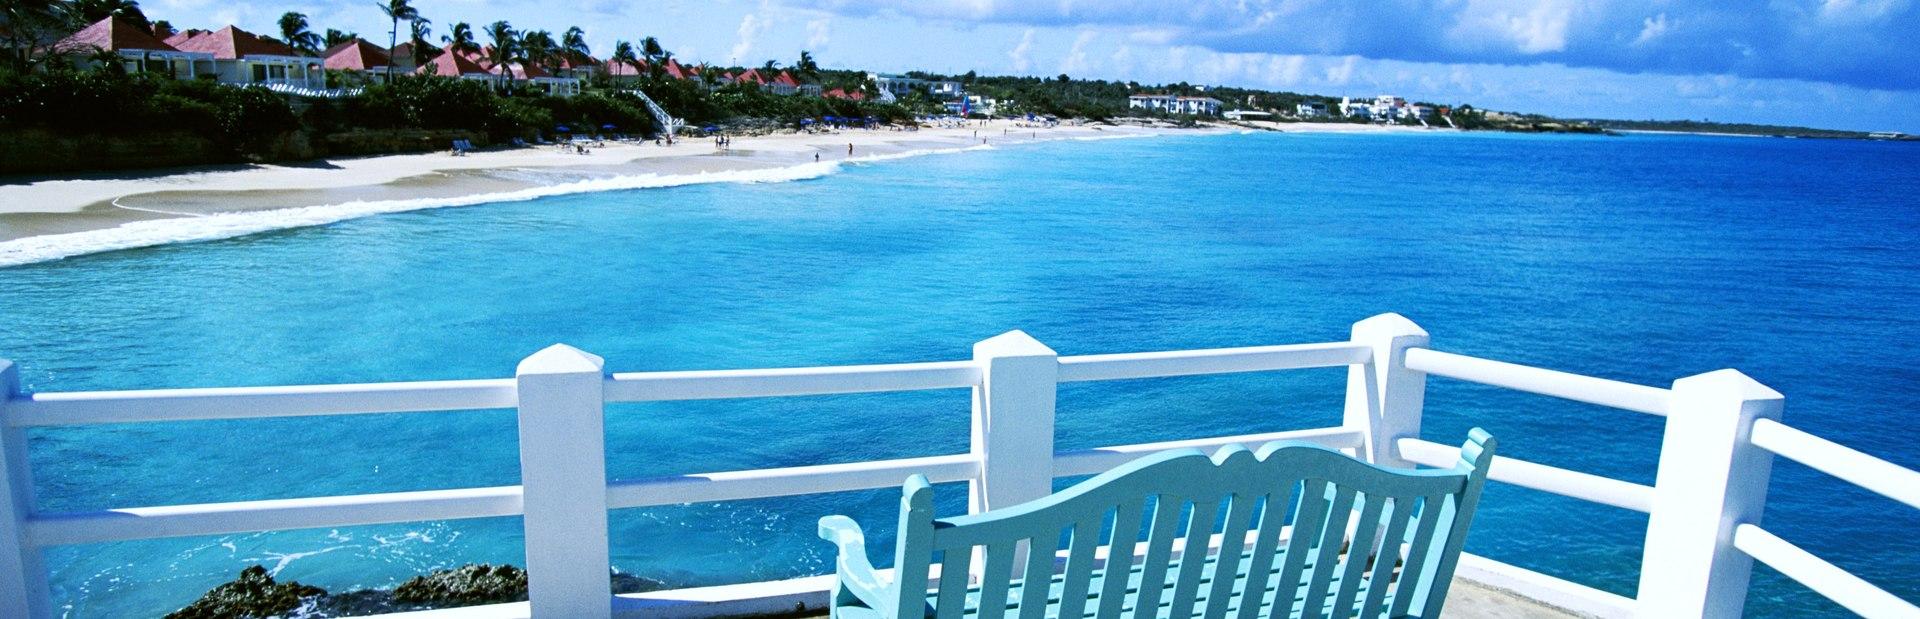 Anguilla climate photo